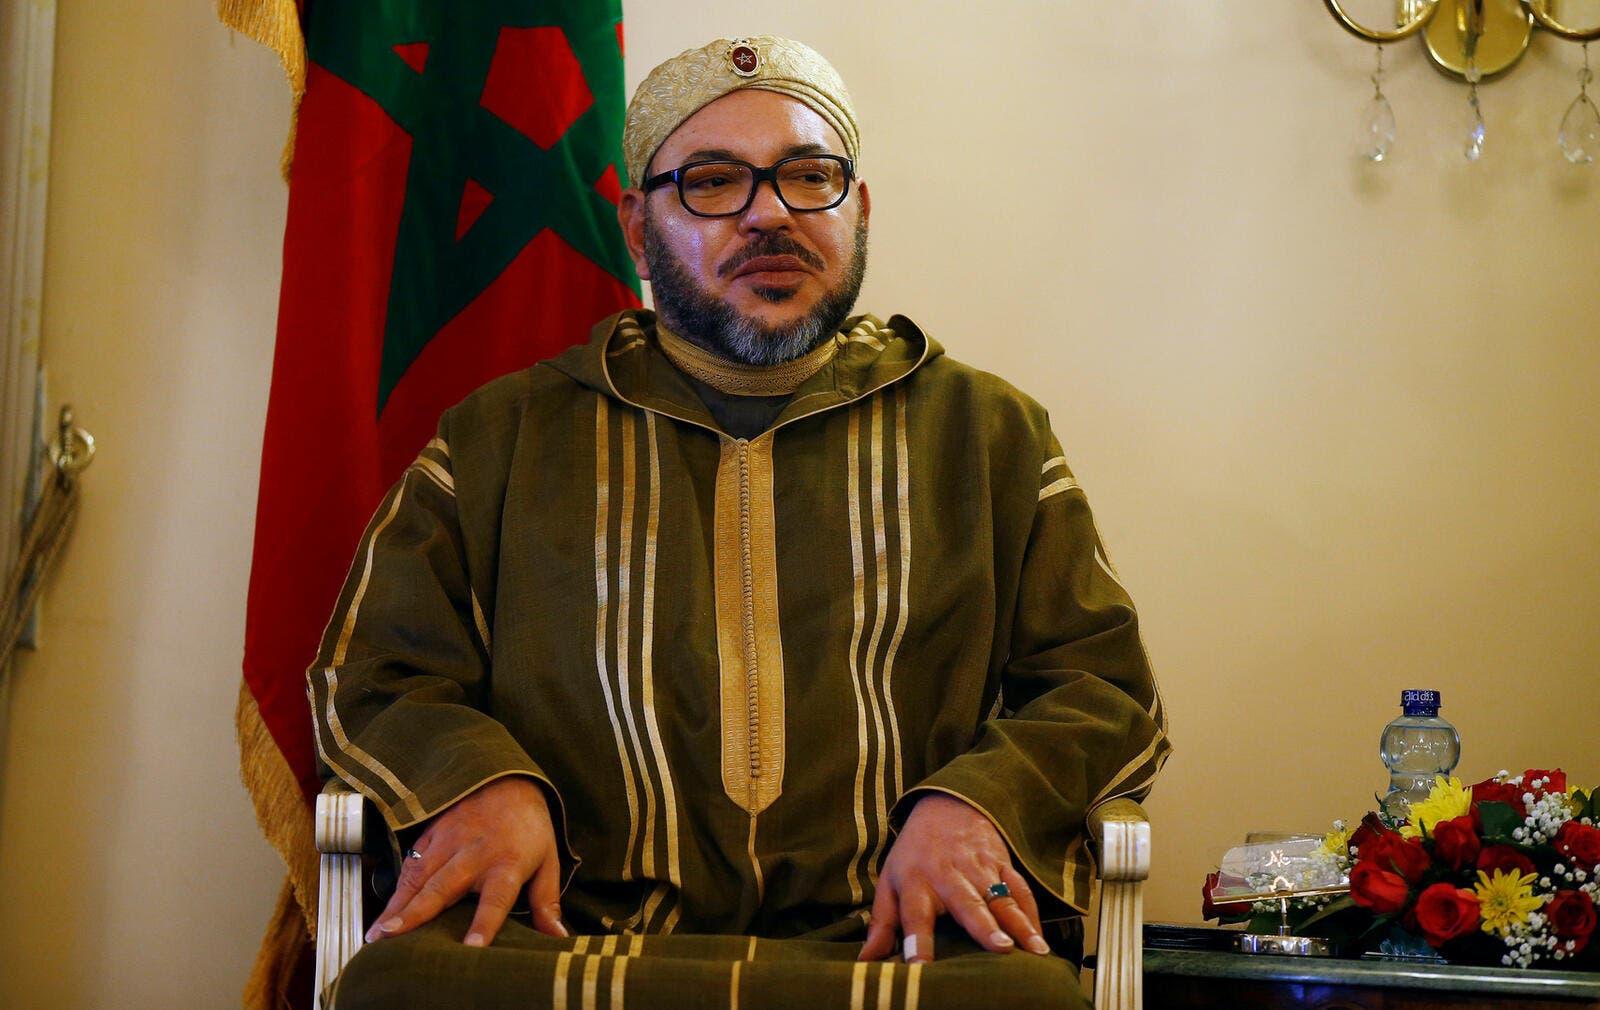 سفير اسرائيل يصل الرباط: ما هو شرط ملك المغرب لزيارة تل ابيب